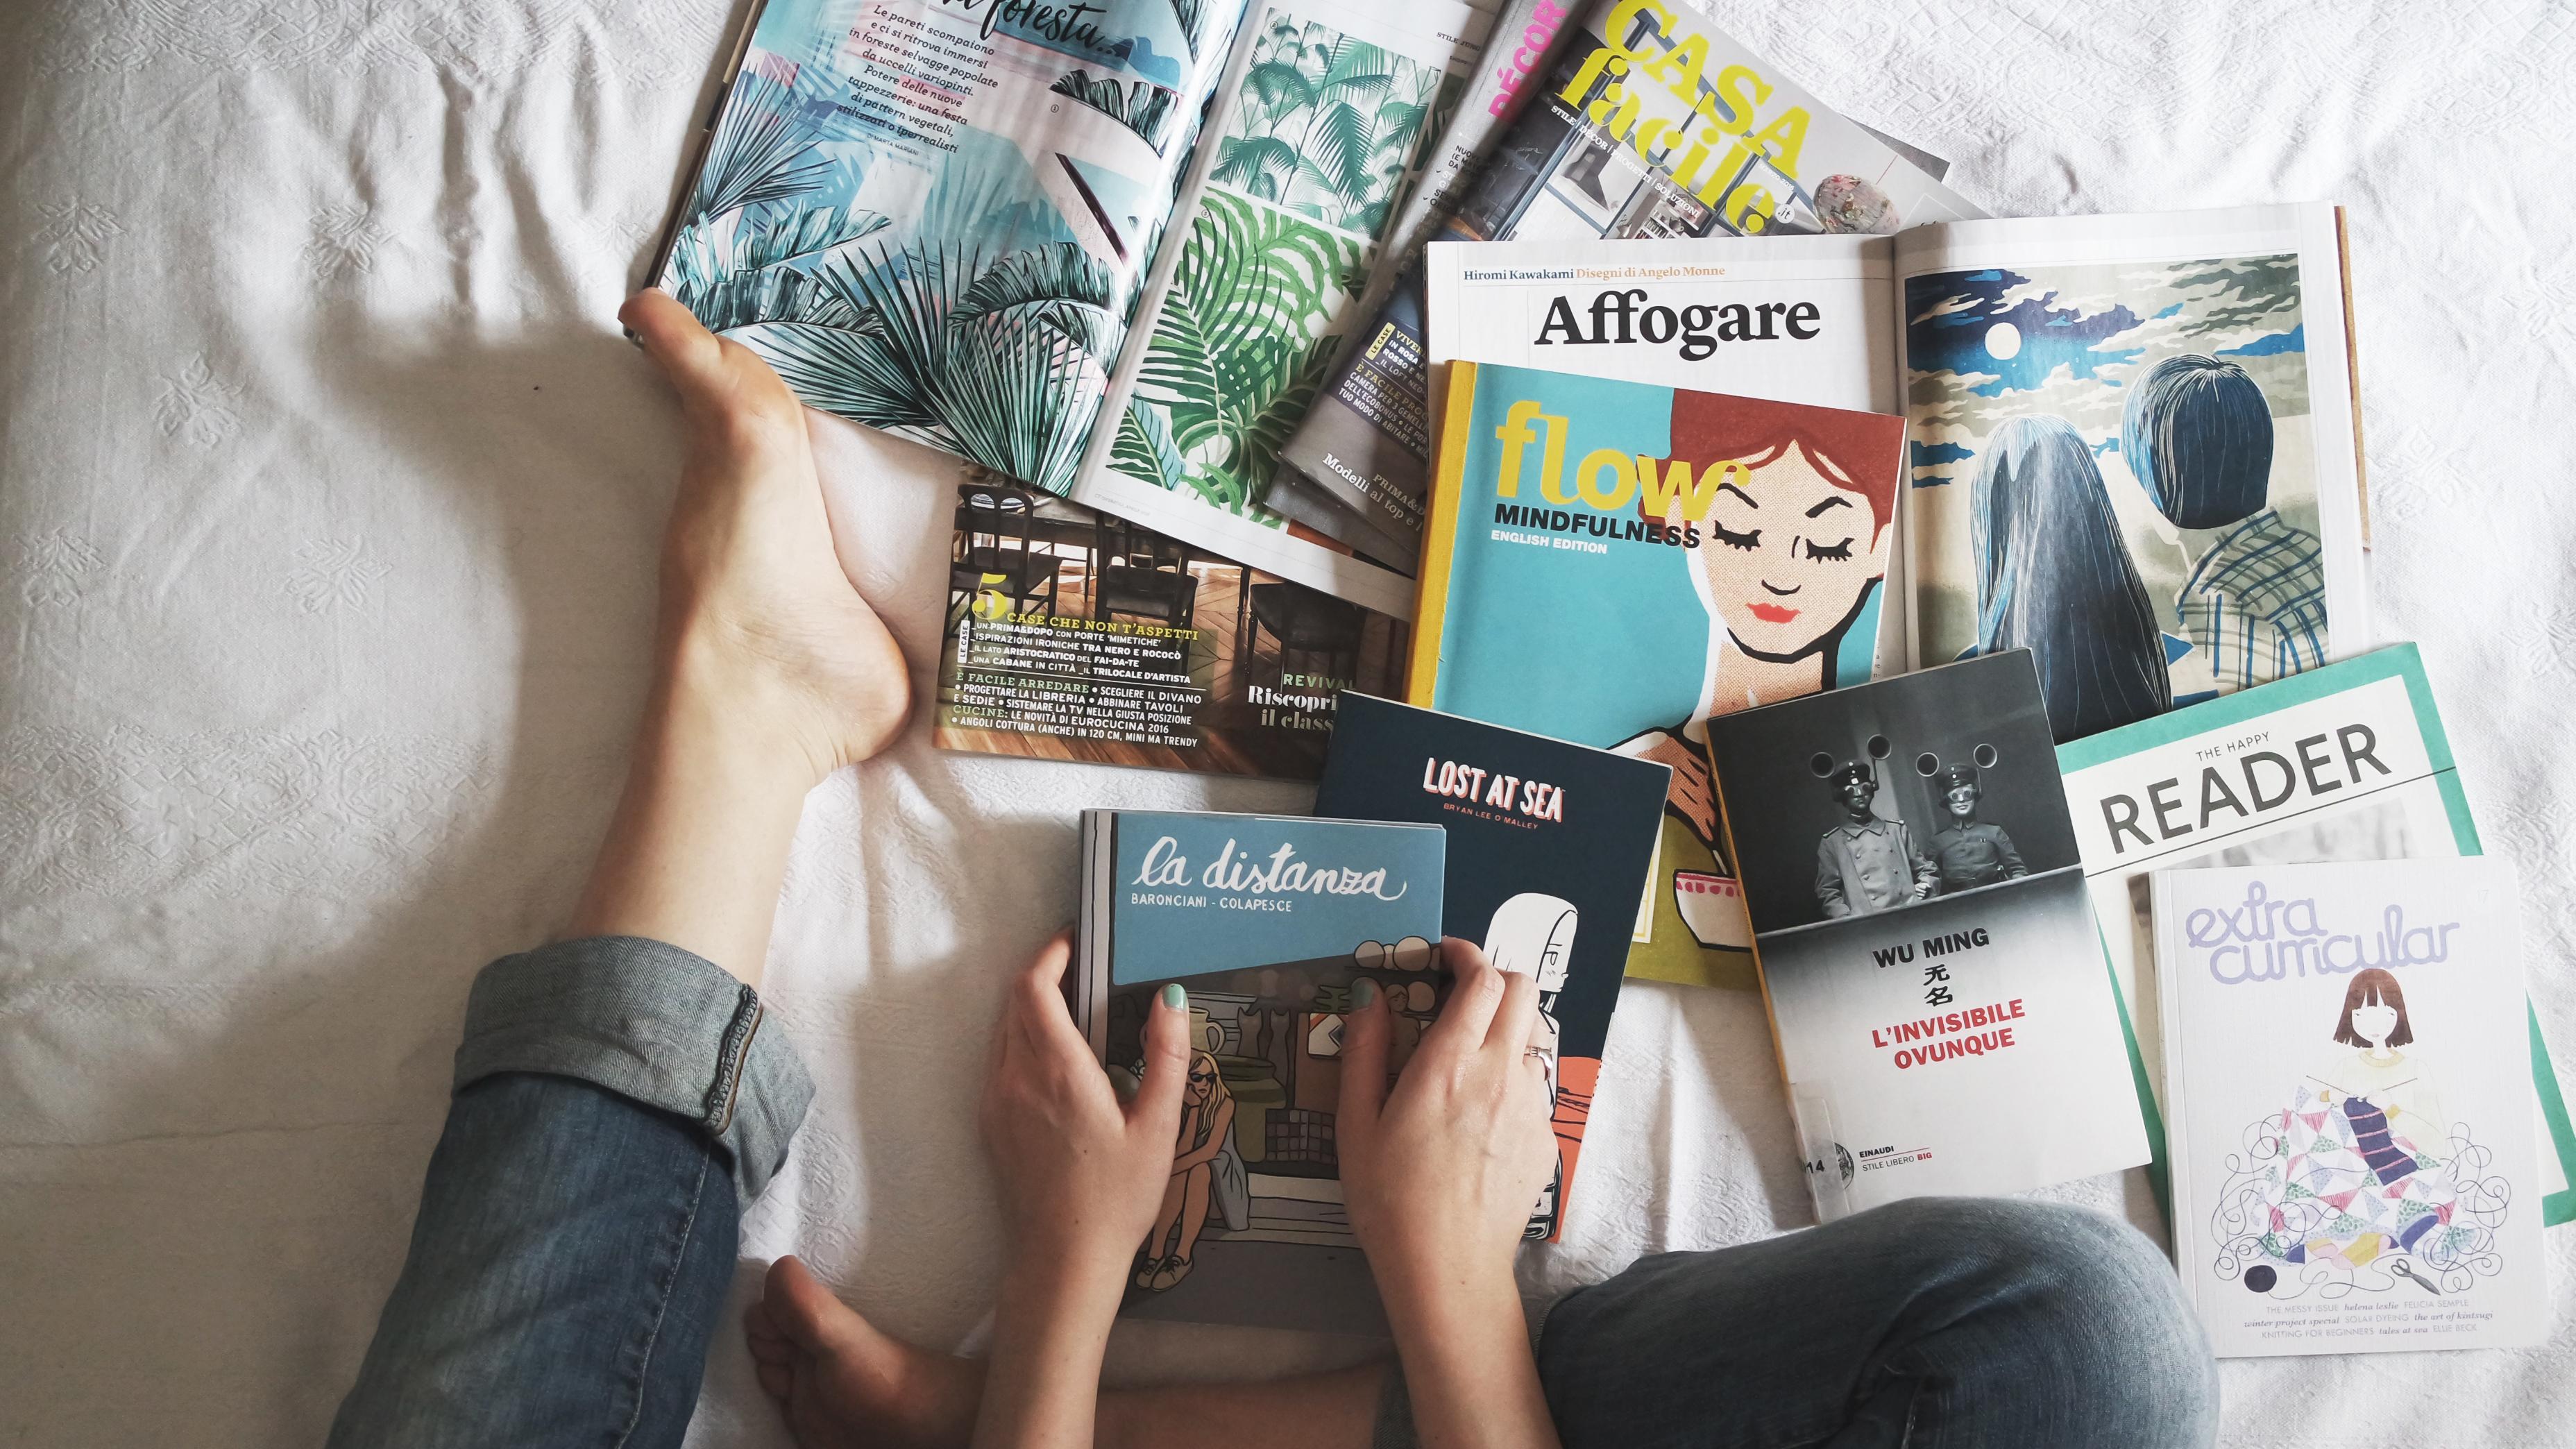 Radi listujete v knihách? V tomto kníhkupectve vás to môže vyjsť poriadne draho!